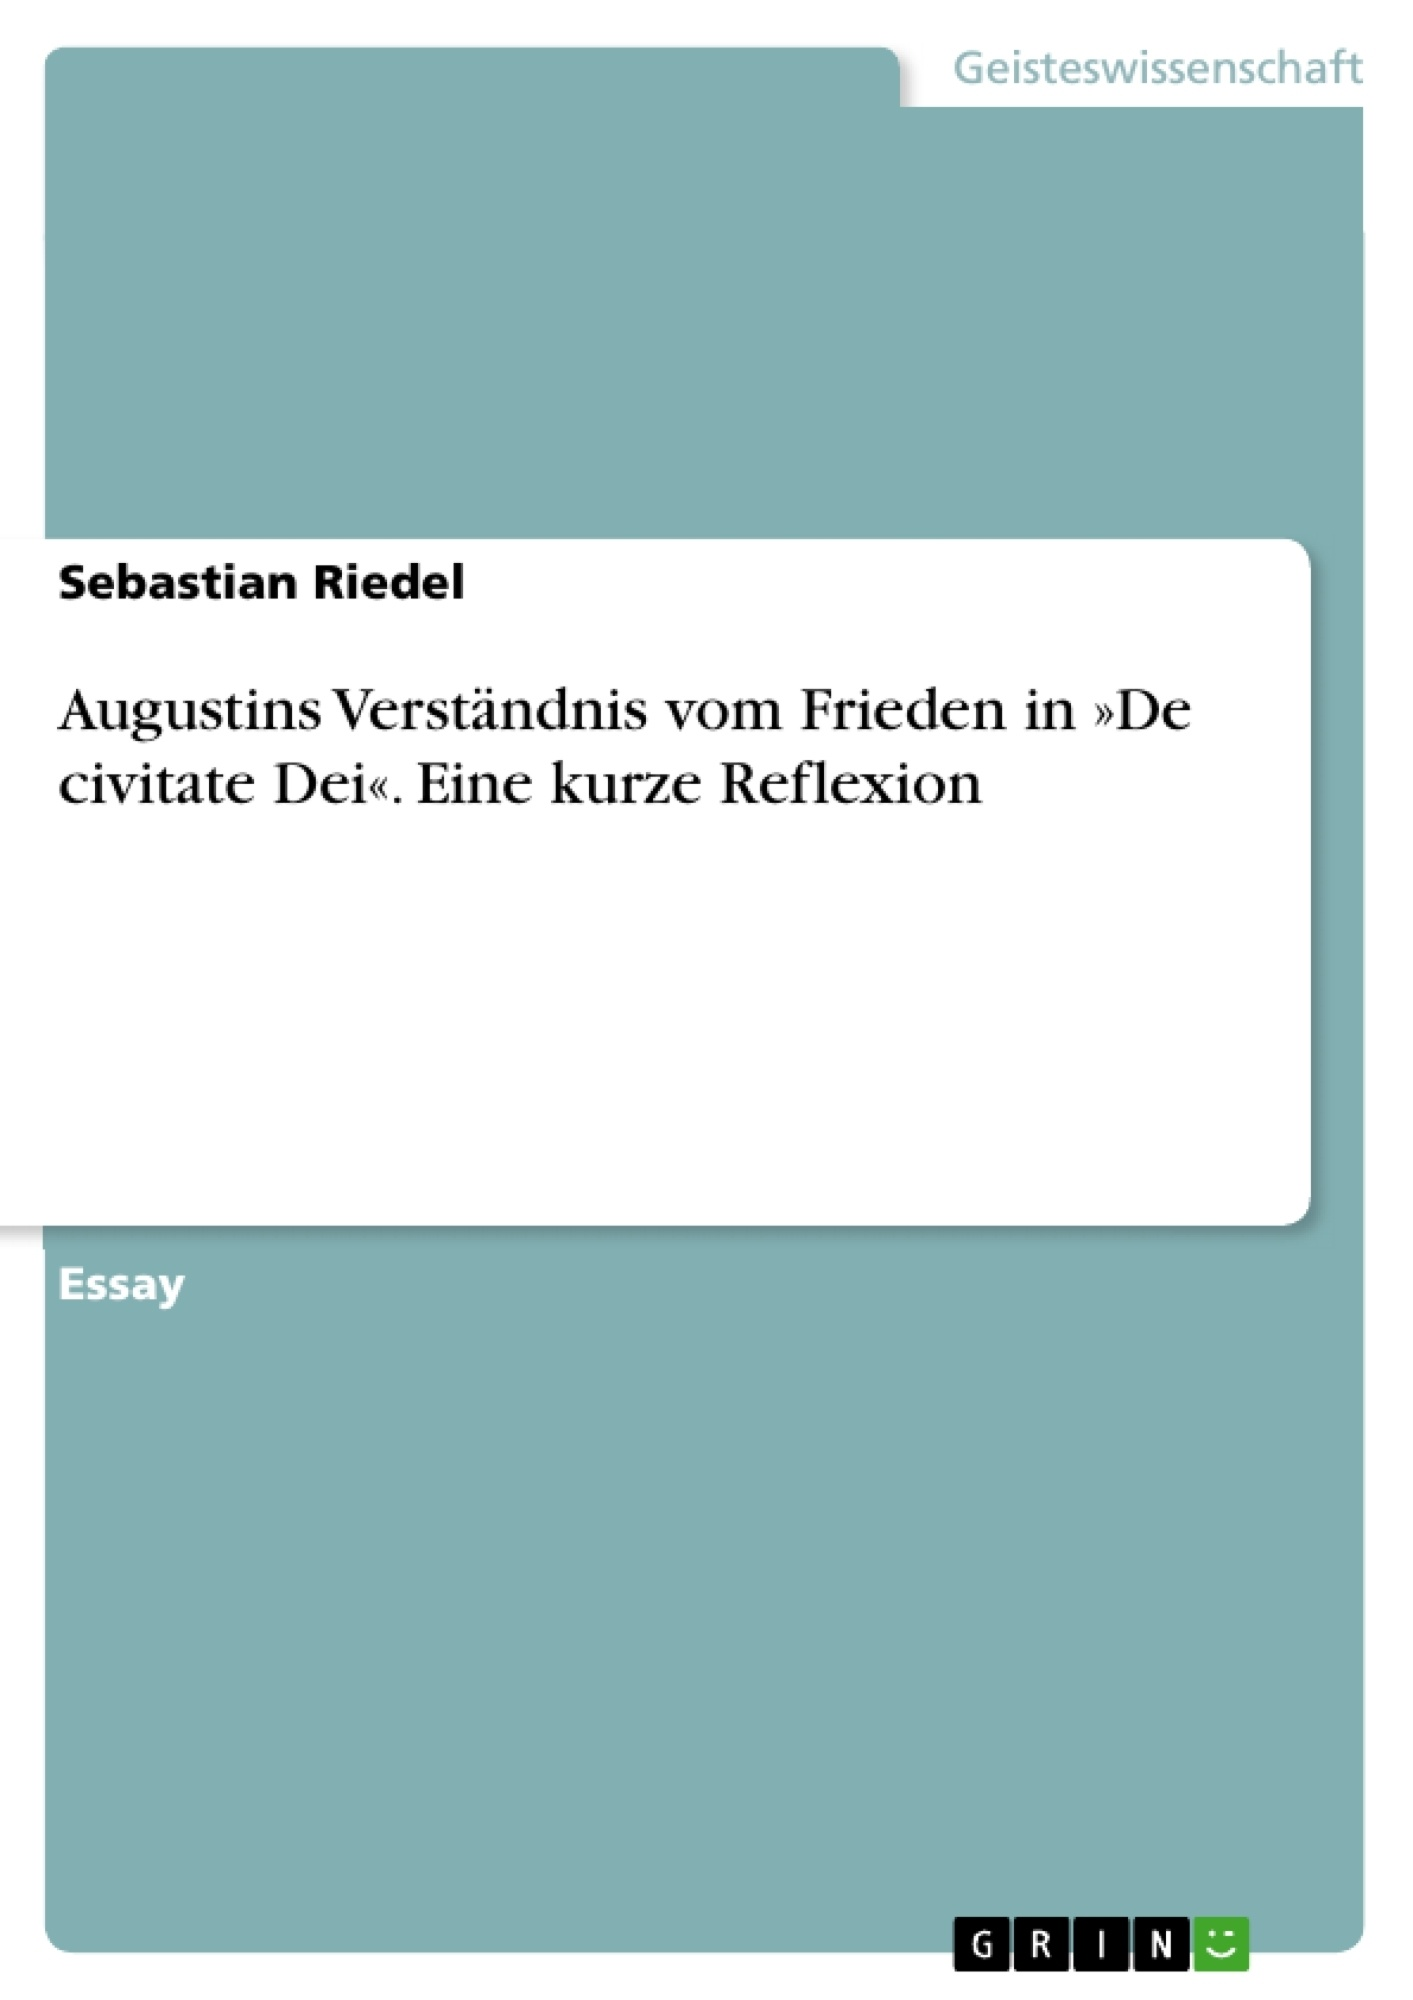 Titel: Augustins Verständnis vom Frieden in »De civitate Dei«. Eine kurze Reflexion